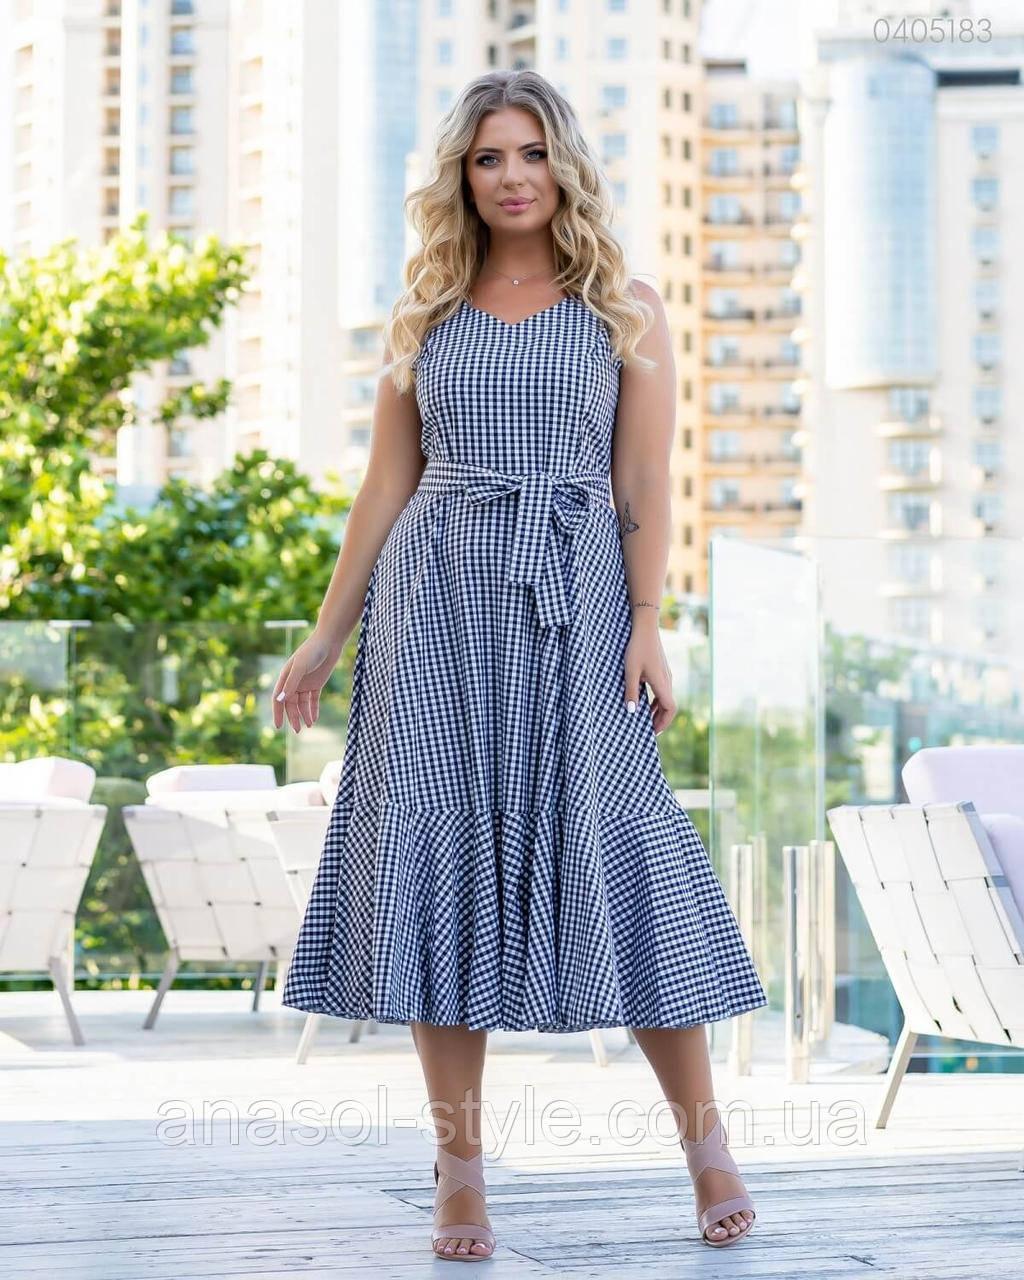 Платье Каликут летнее фасон годе больших размеров черный